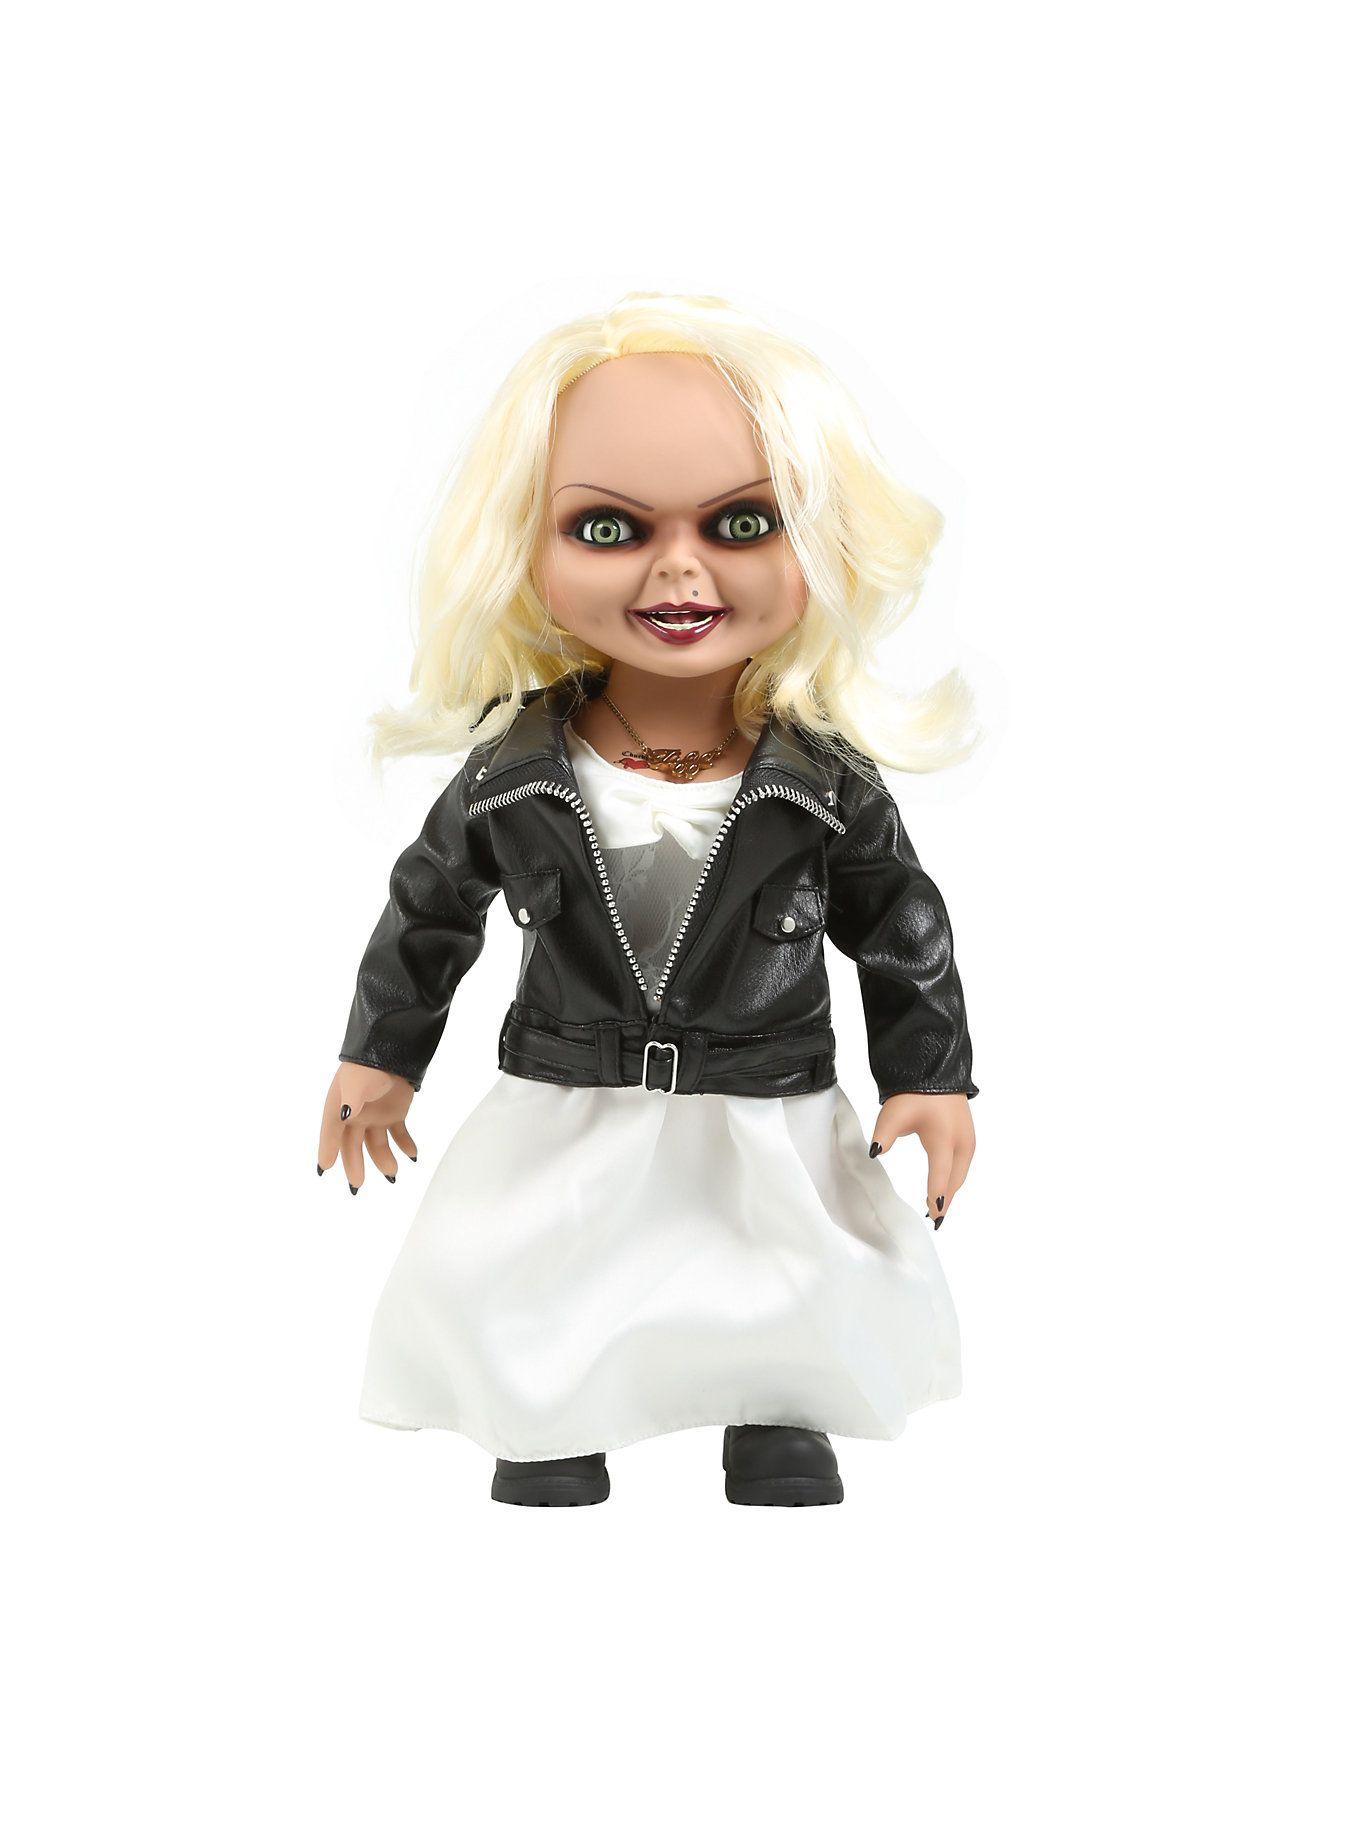 bride of chucky tiffany talking replica doll | dolls | dollhouses